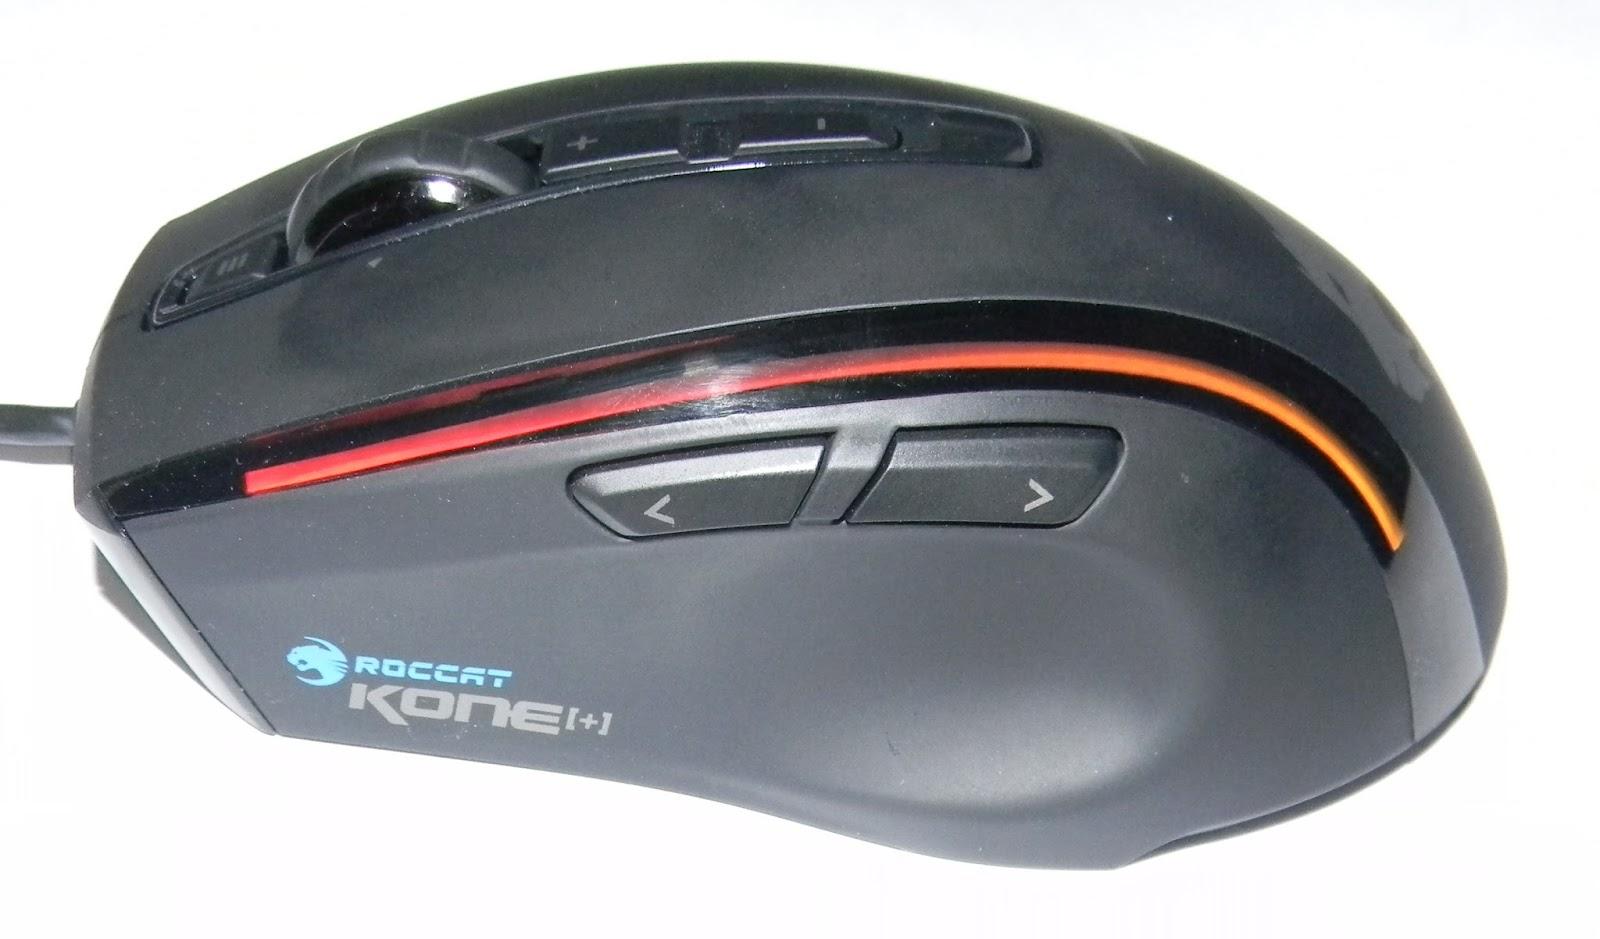 Rallentare il mouse